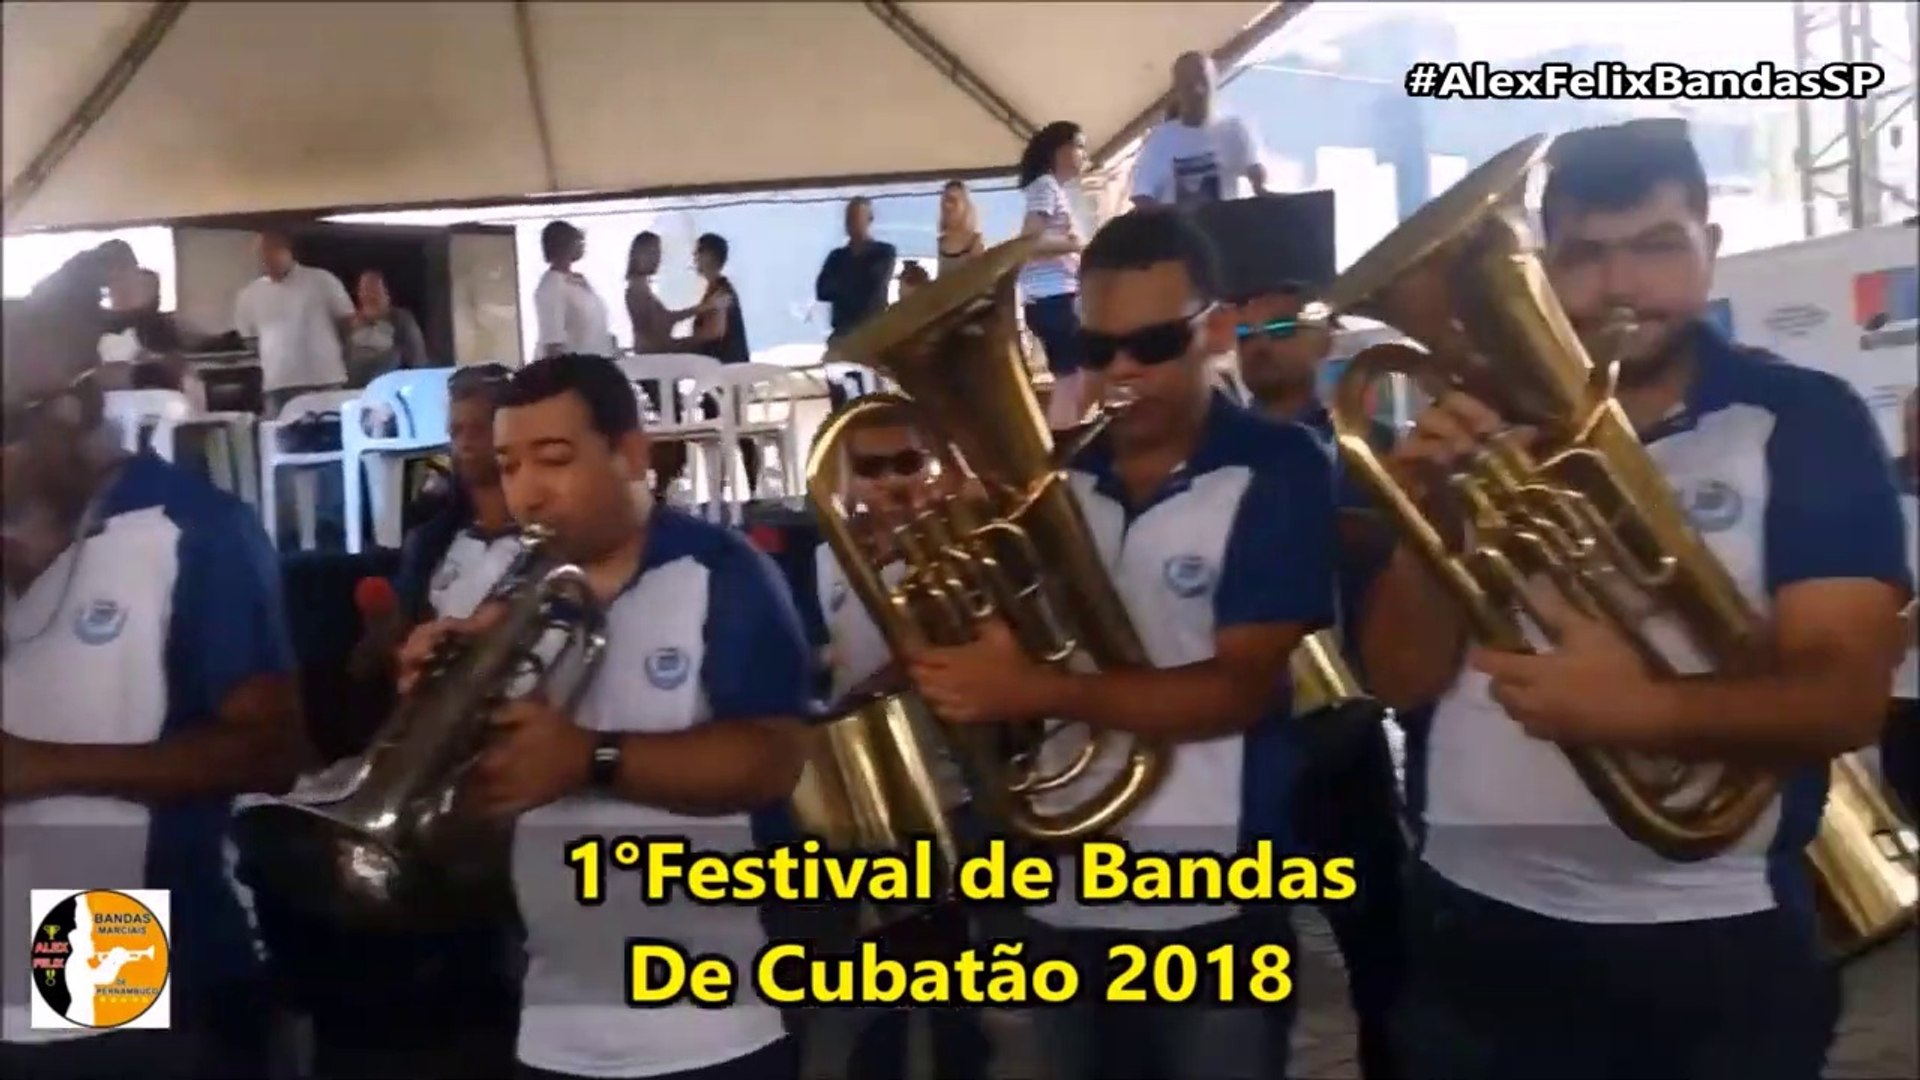 LMC - Banda Musical Lar das Mocas Cegas 2018 - 1° Festival de Bandas - Cubatão - #AlexFelixBandasSP